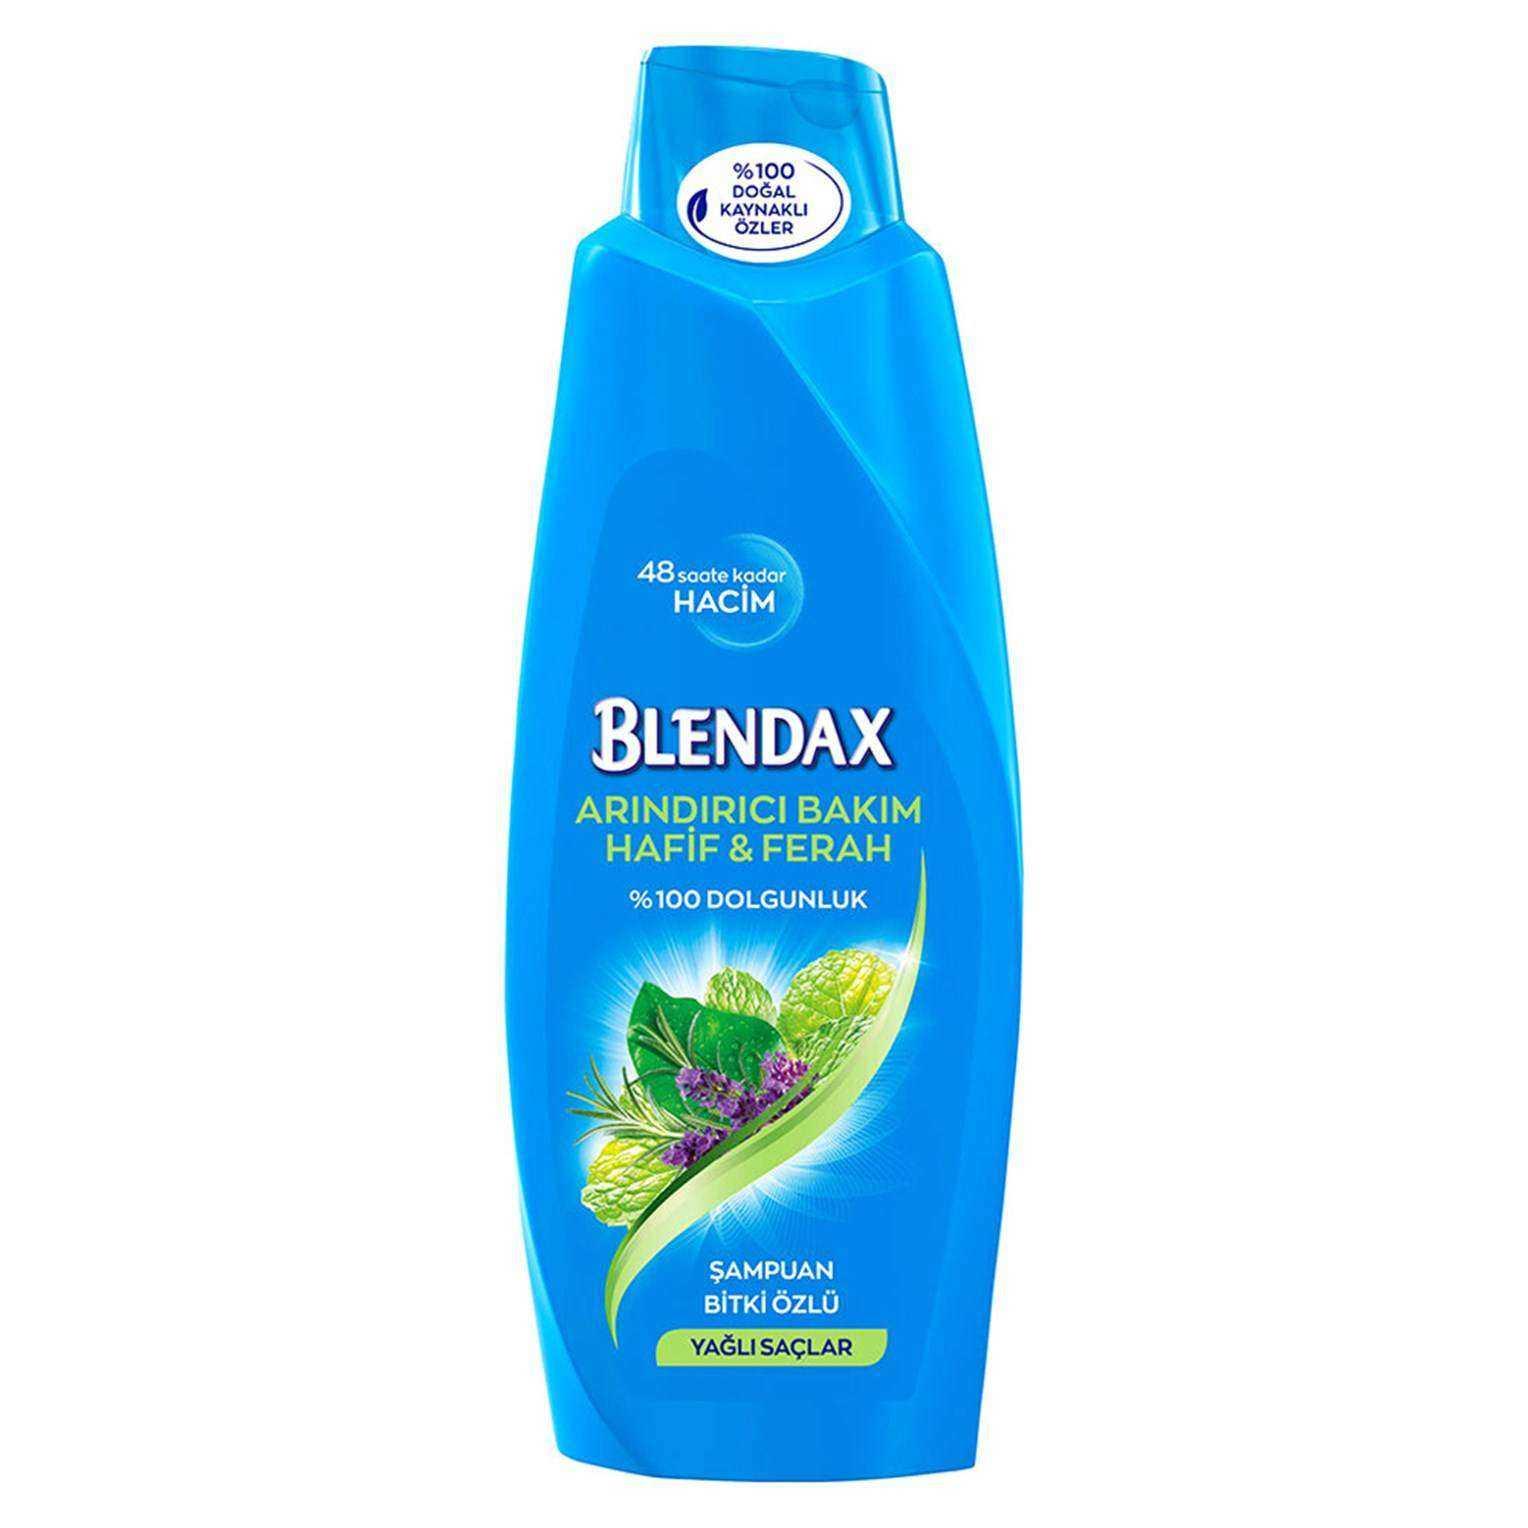 Blendax Arındırıcı Bakım Hafif & Ferah Bitki Özlü Şampuan - Yağlı Saçlar 500 ML